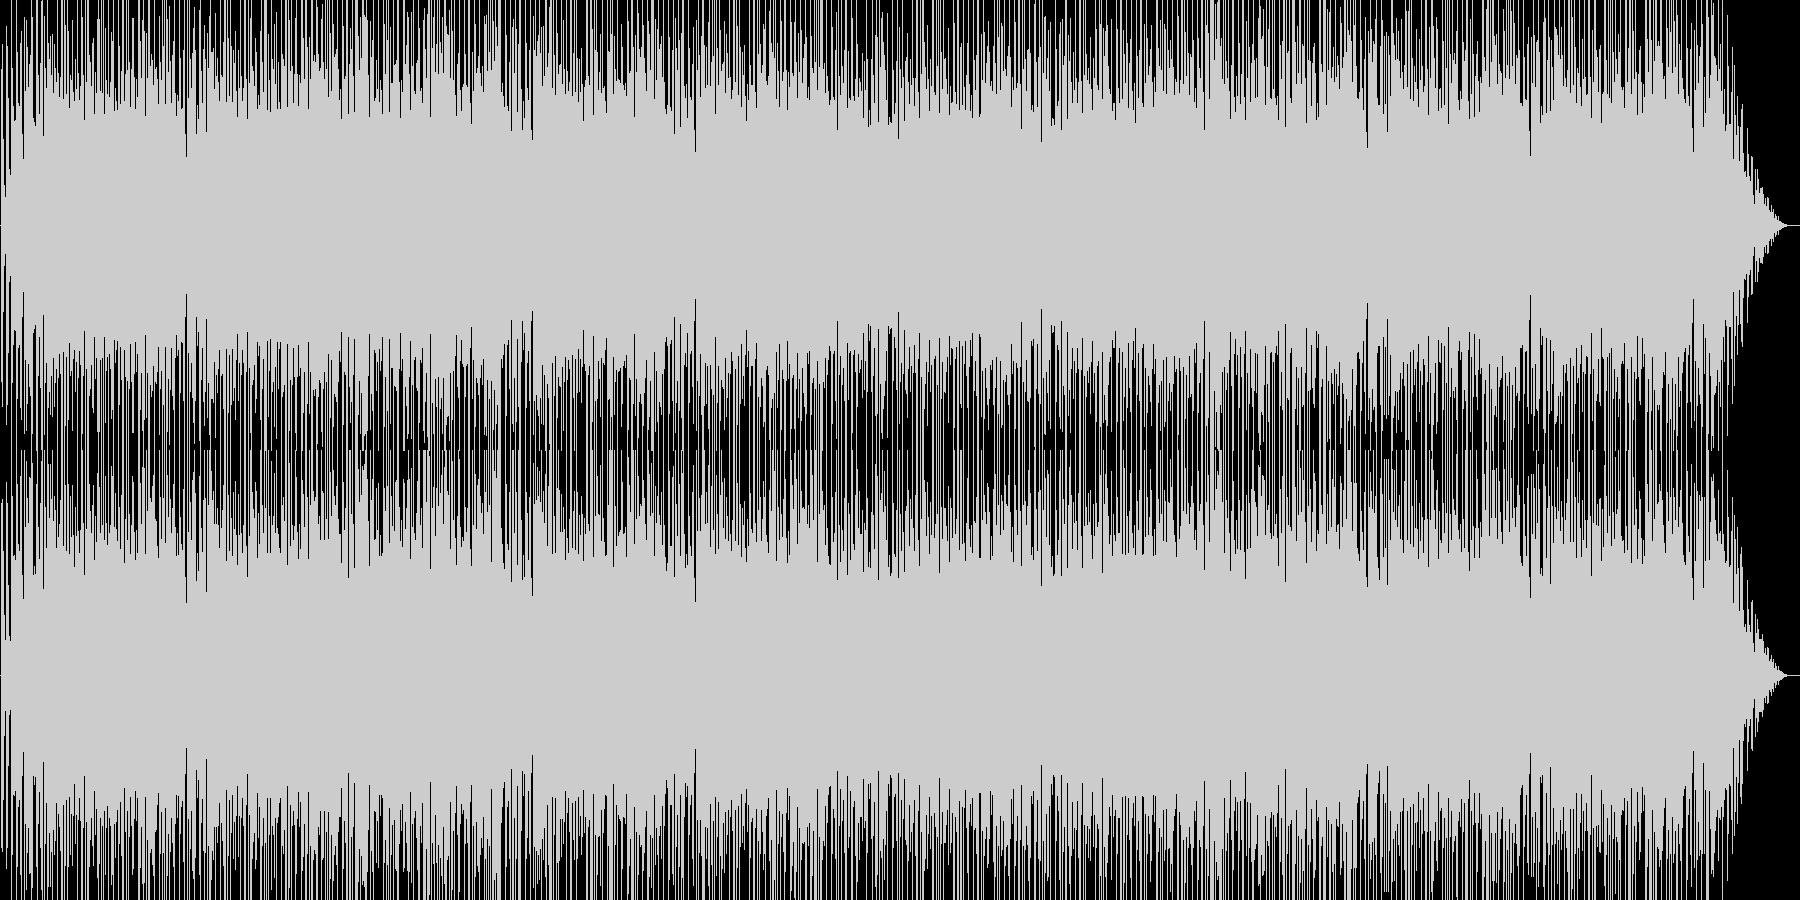 疾走感と勢いのあるピアノ・シンセなどの曲の未再生の波形